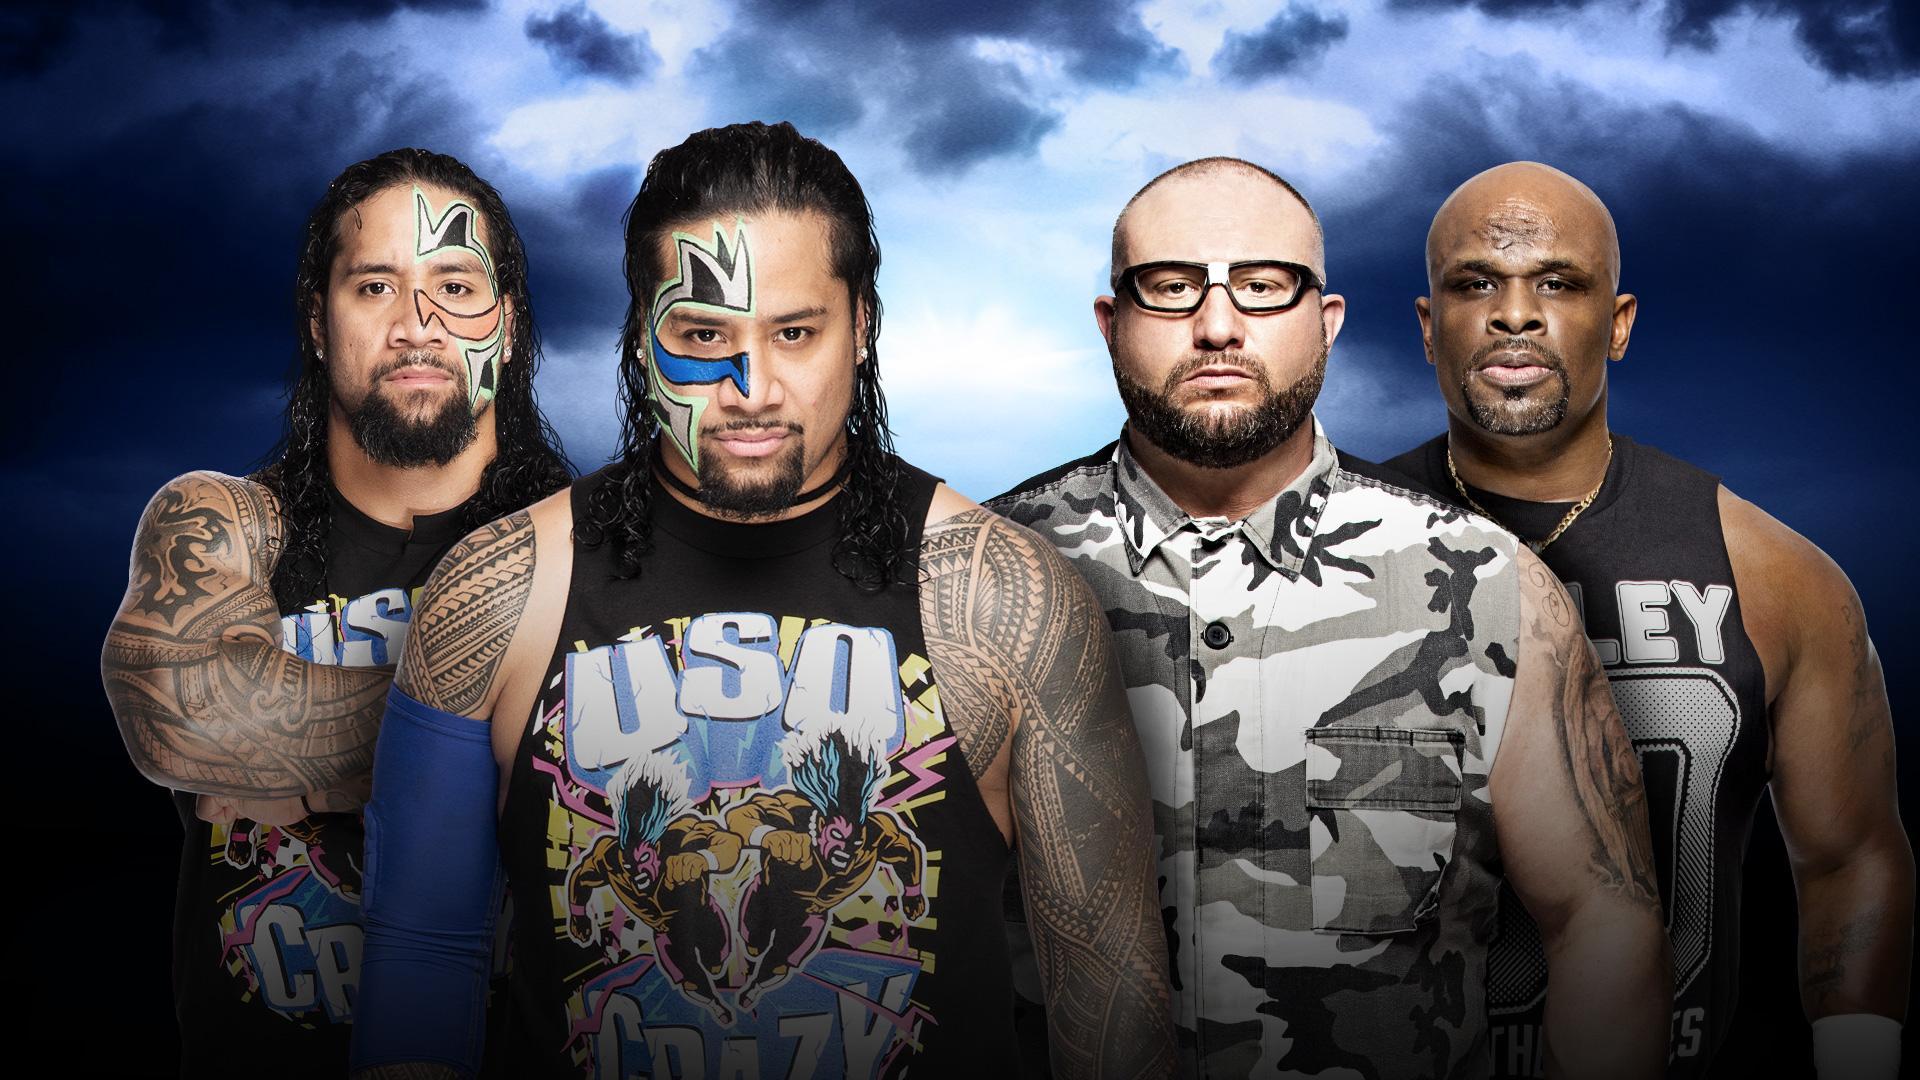 The Usos vs. Dudley Boyz Confirmed for WrestleMania